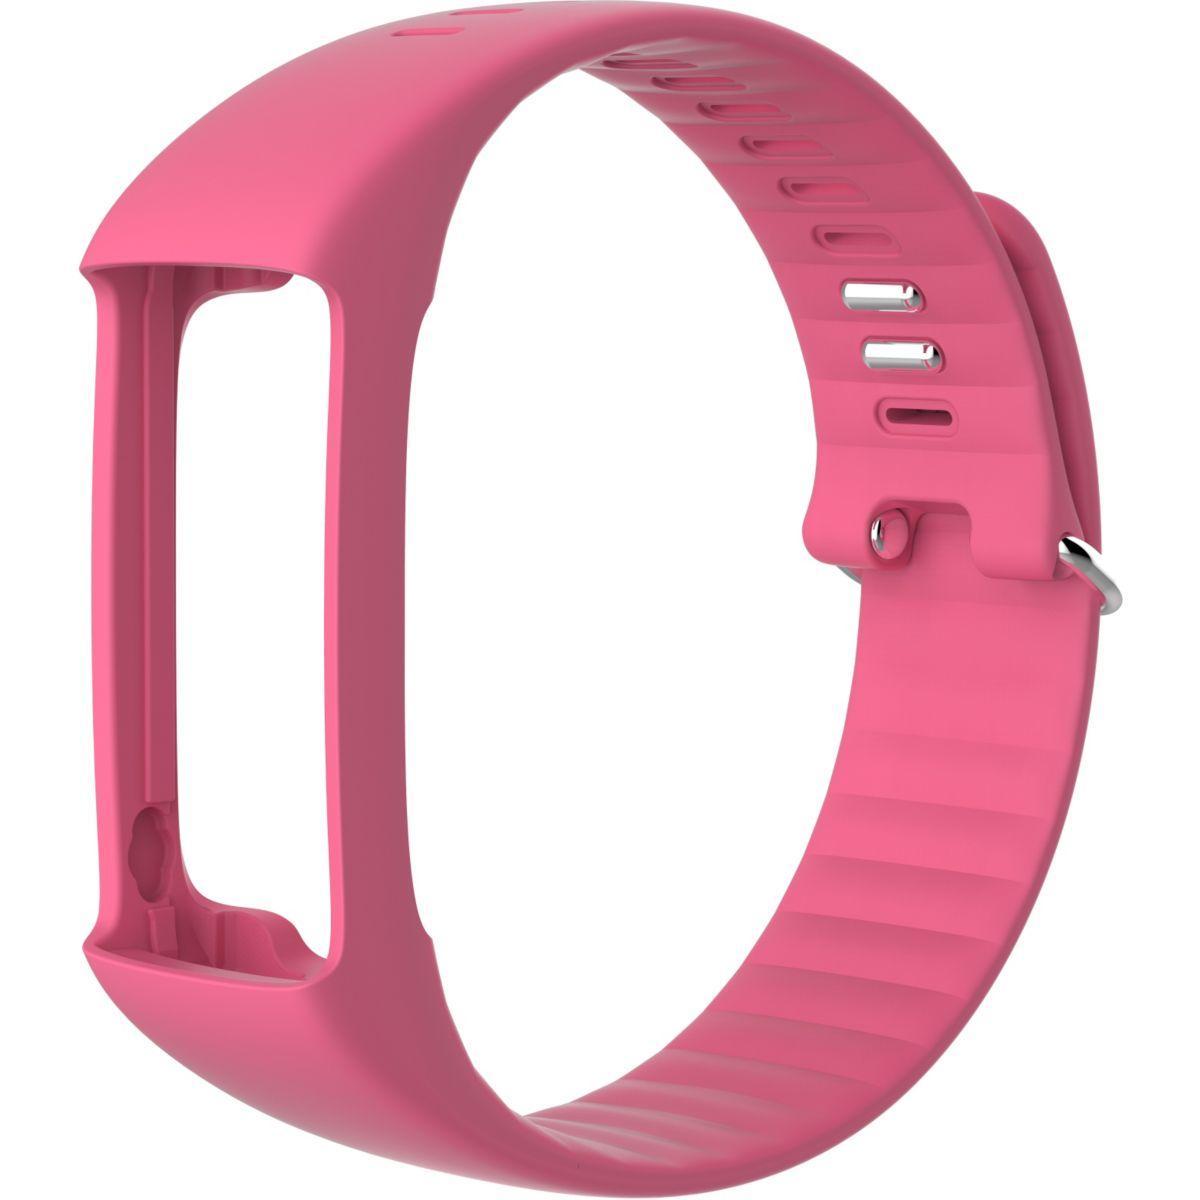 Bracelet montre polar a360 rose m - 5% de remise immédiate avec le code : top5 (photo)